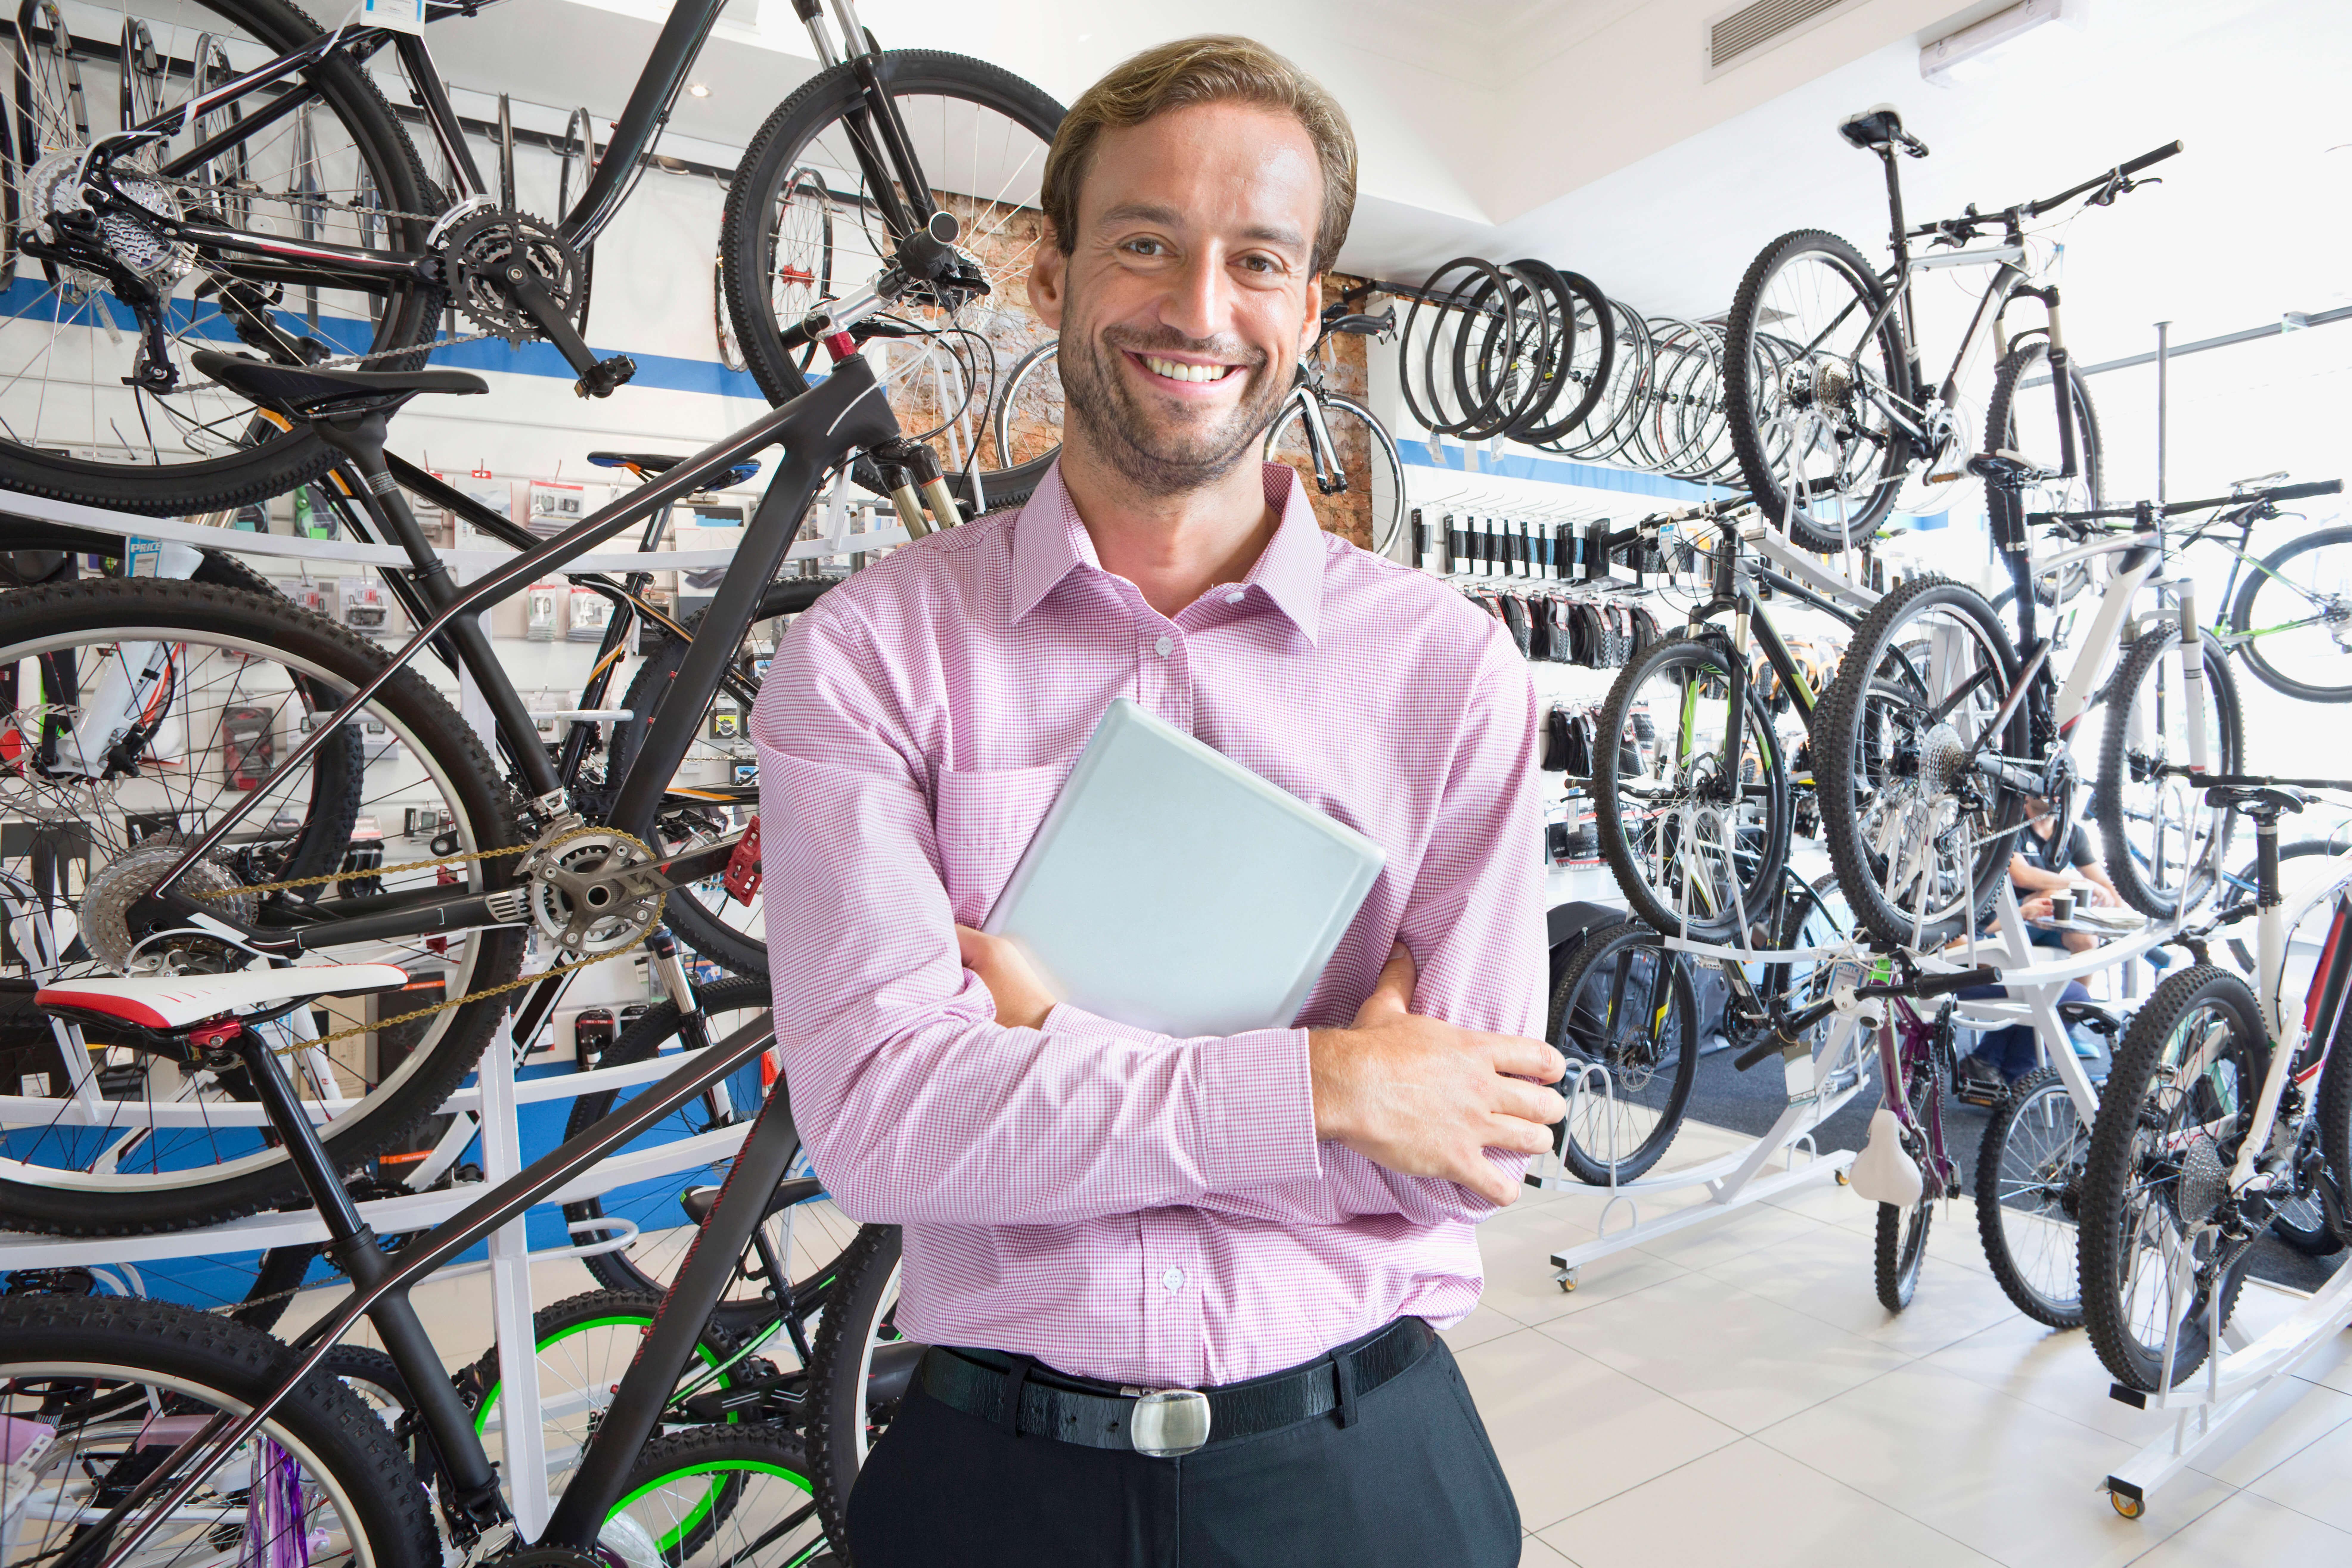 自転車ラックの前に立つ男性